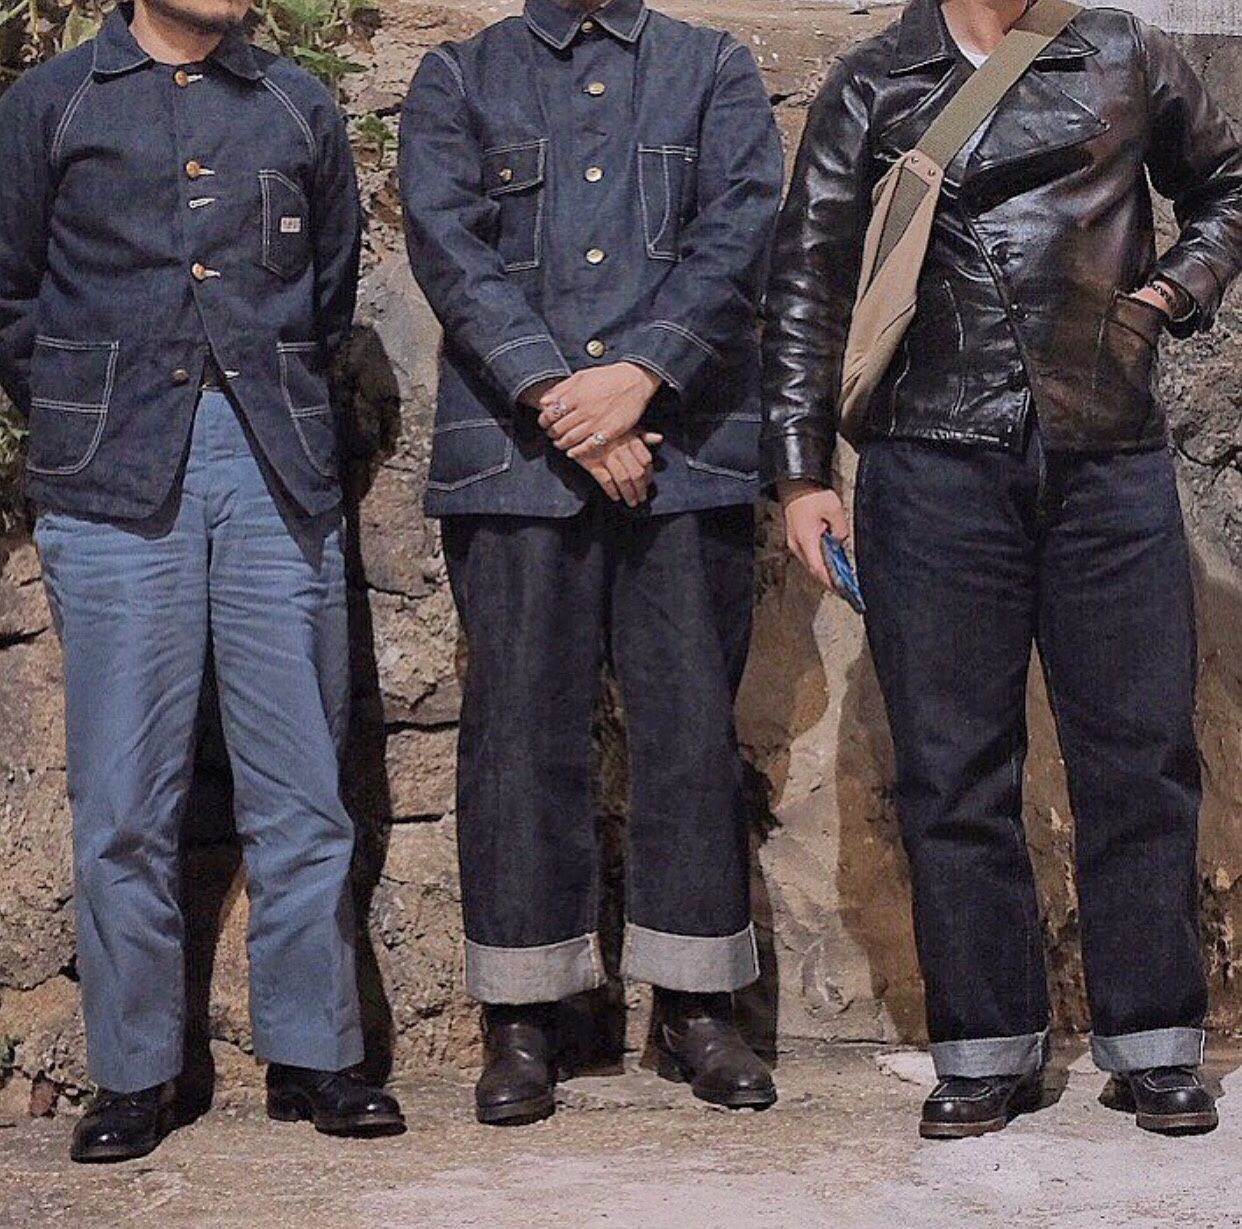 Under My Skin Denim Outfit Men Workwear Vintage Workwear Fashion